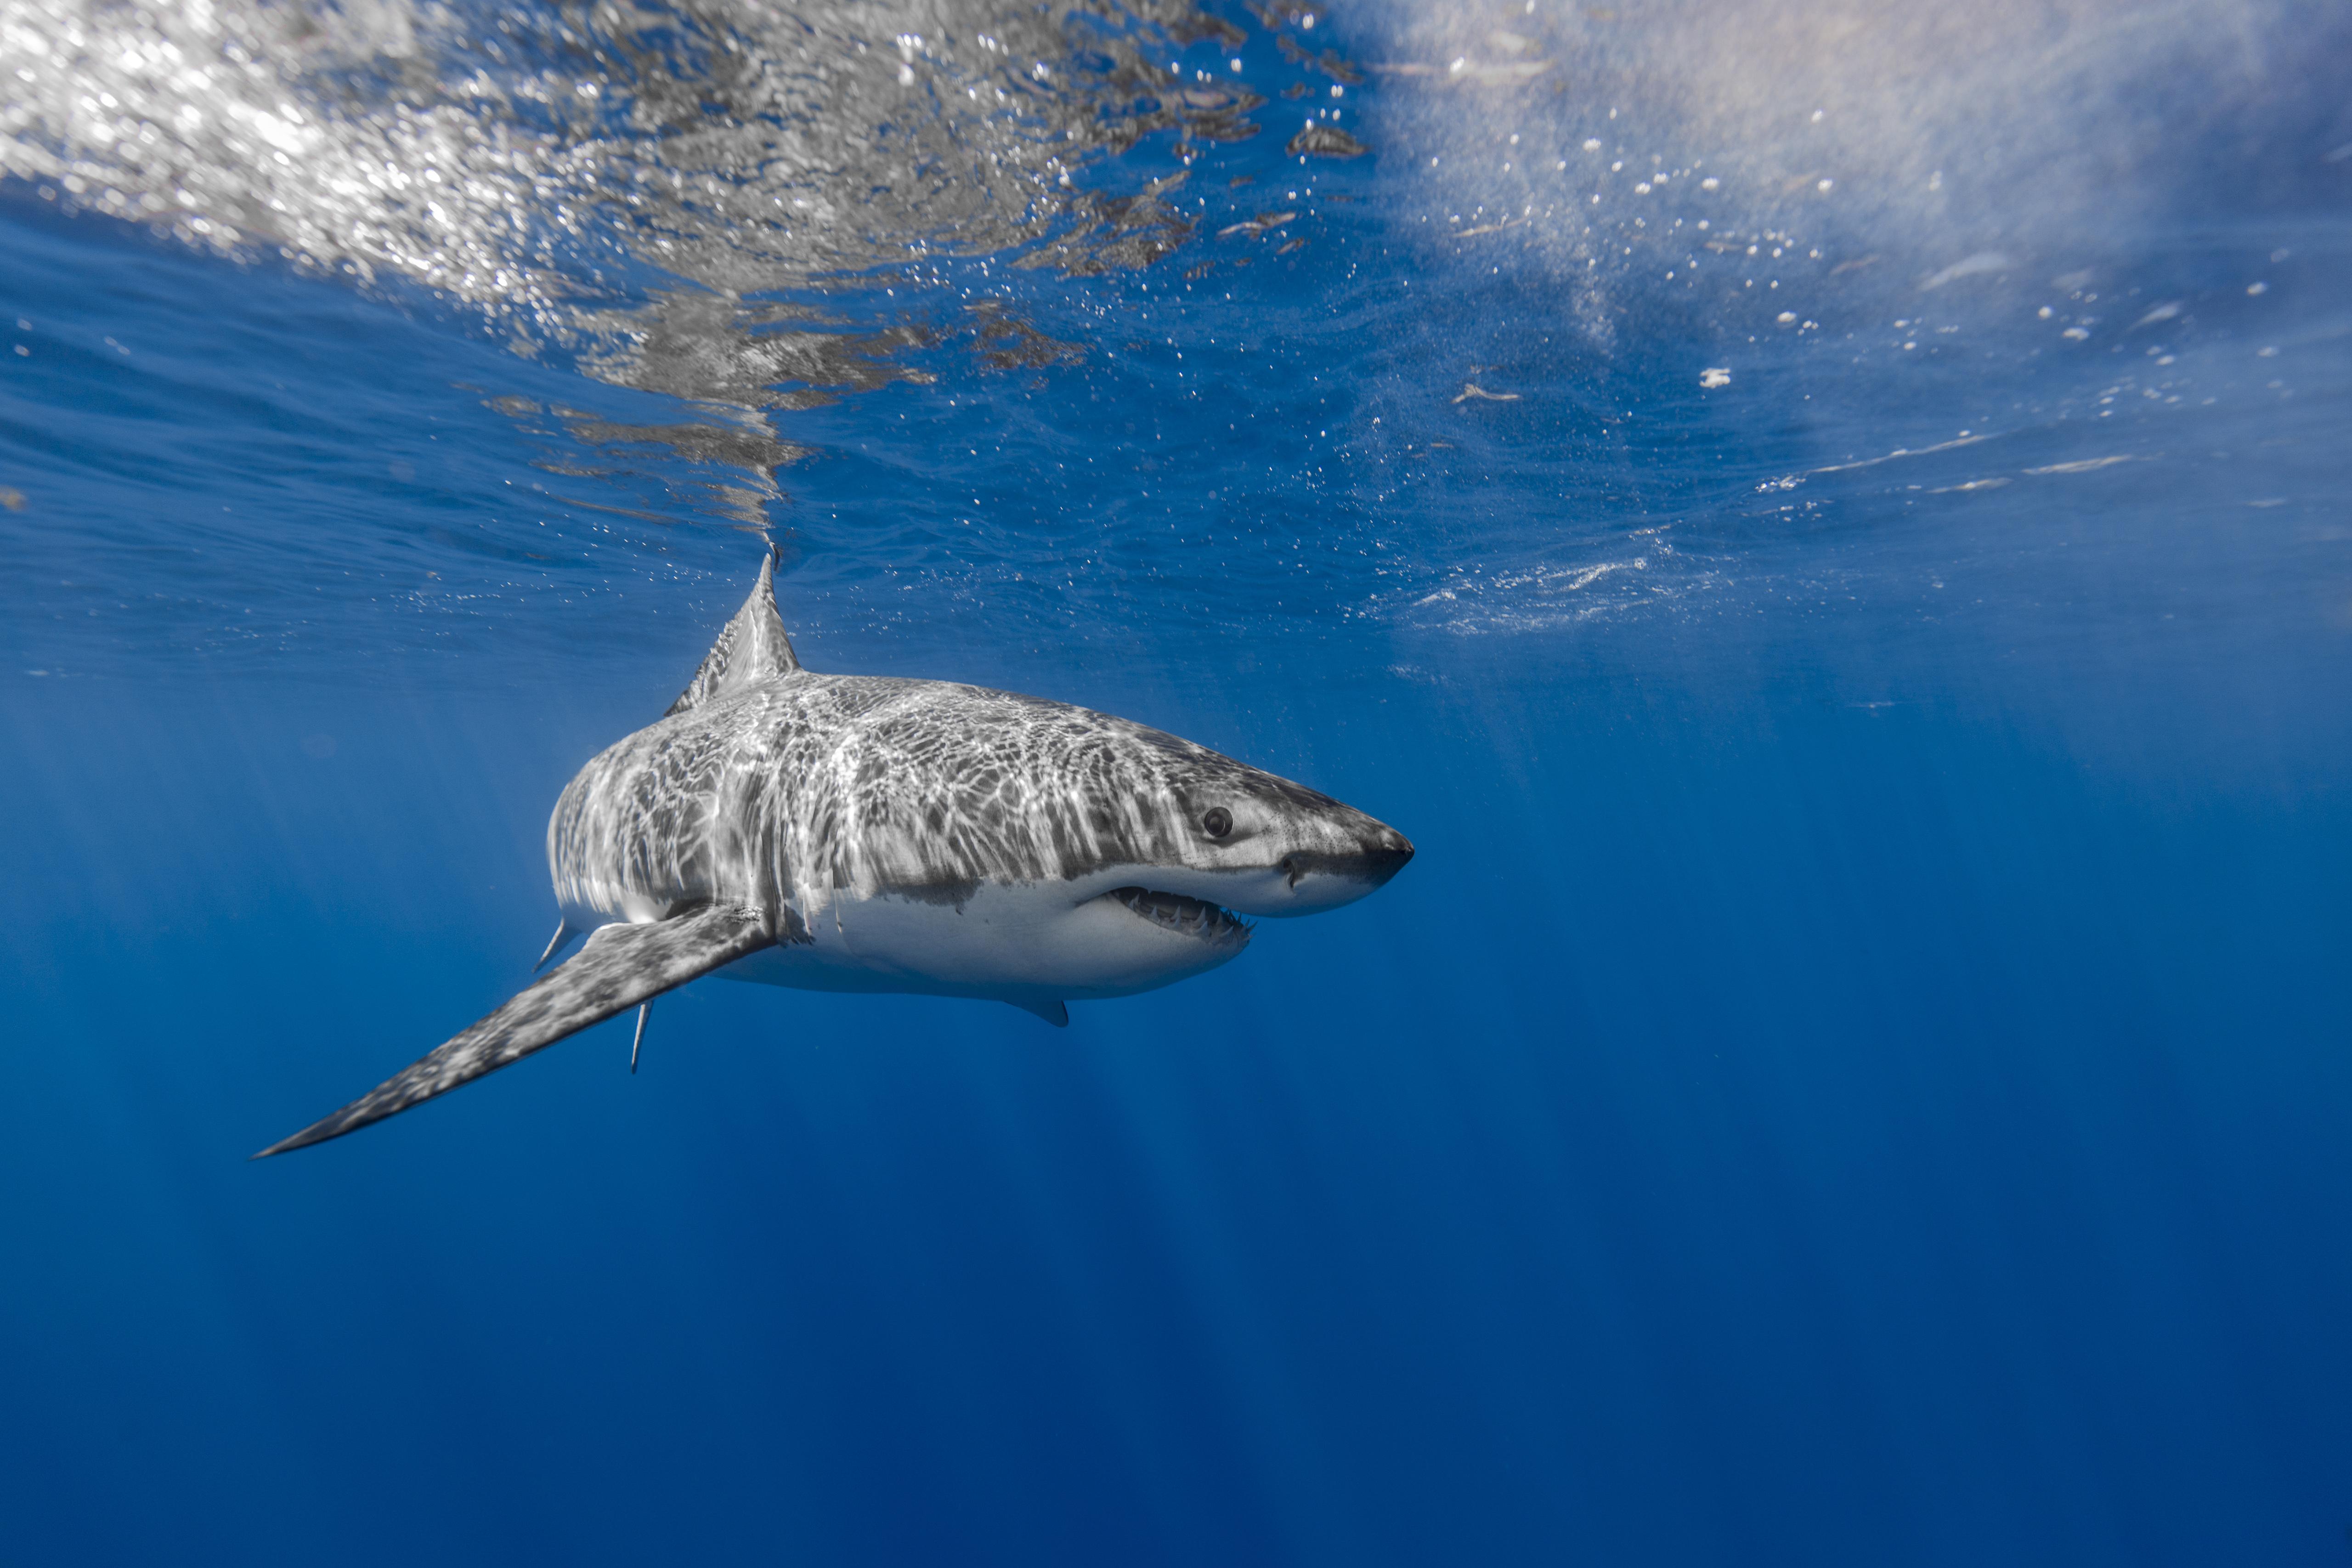 лучшие картинки акул статье